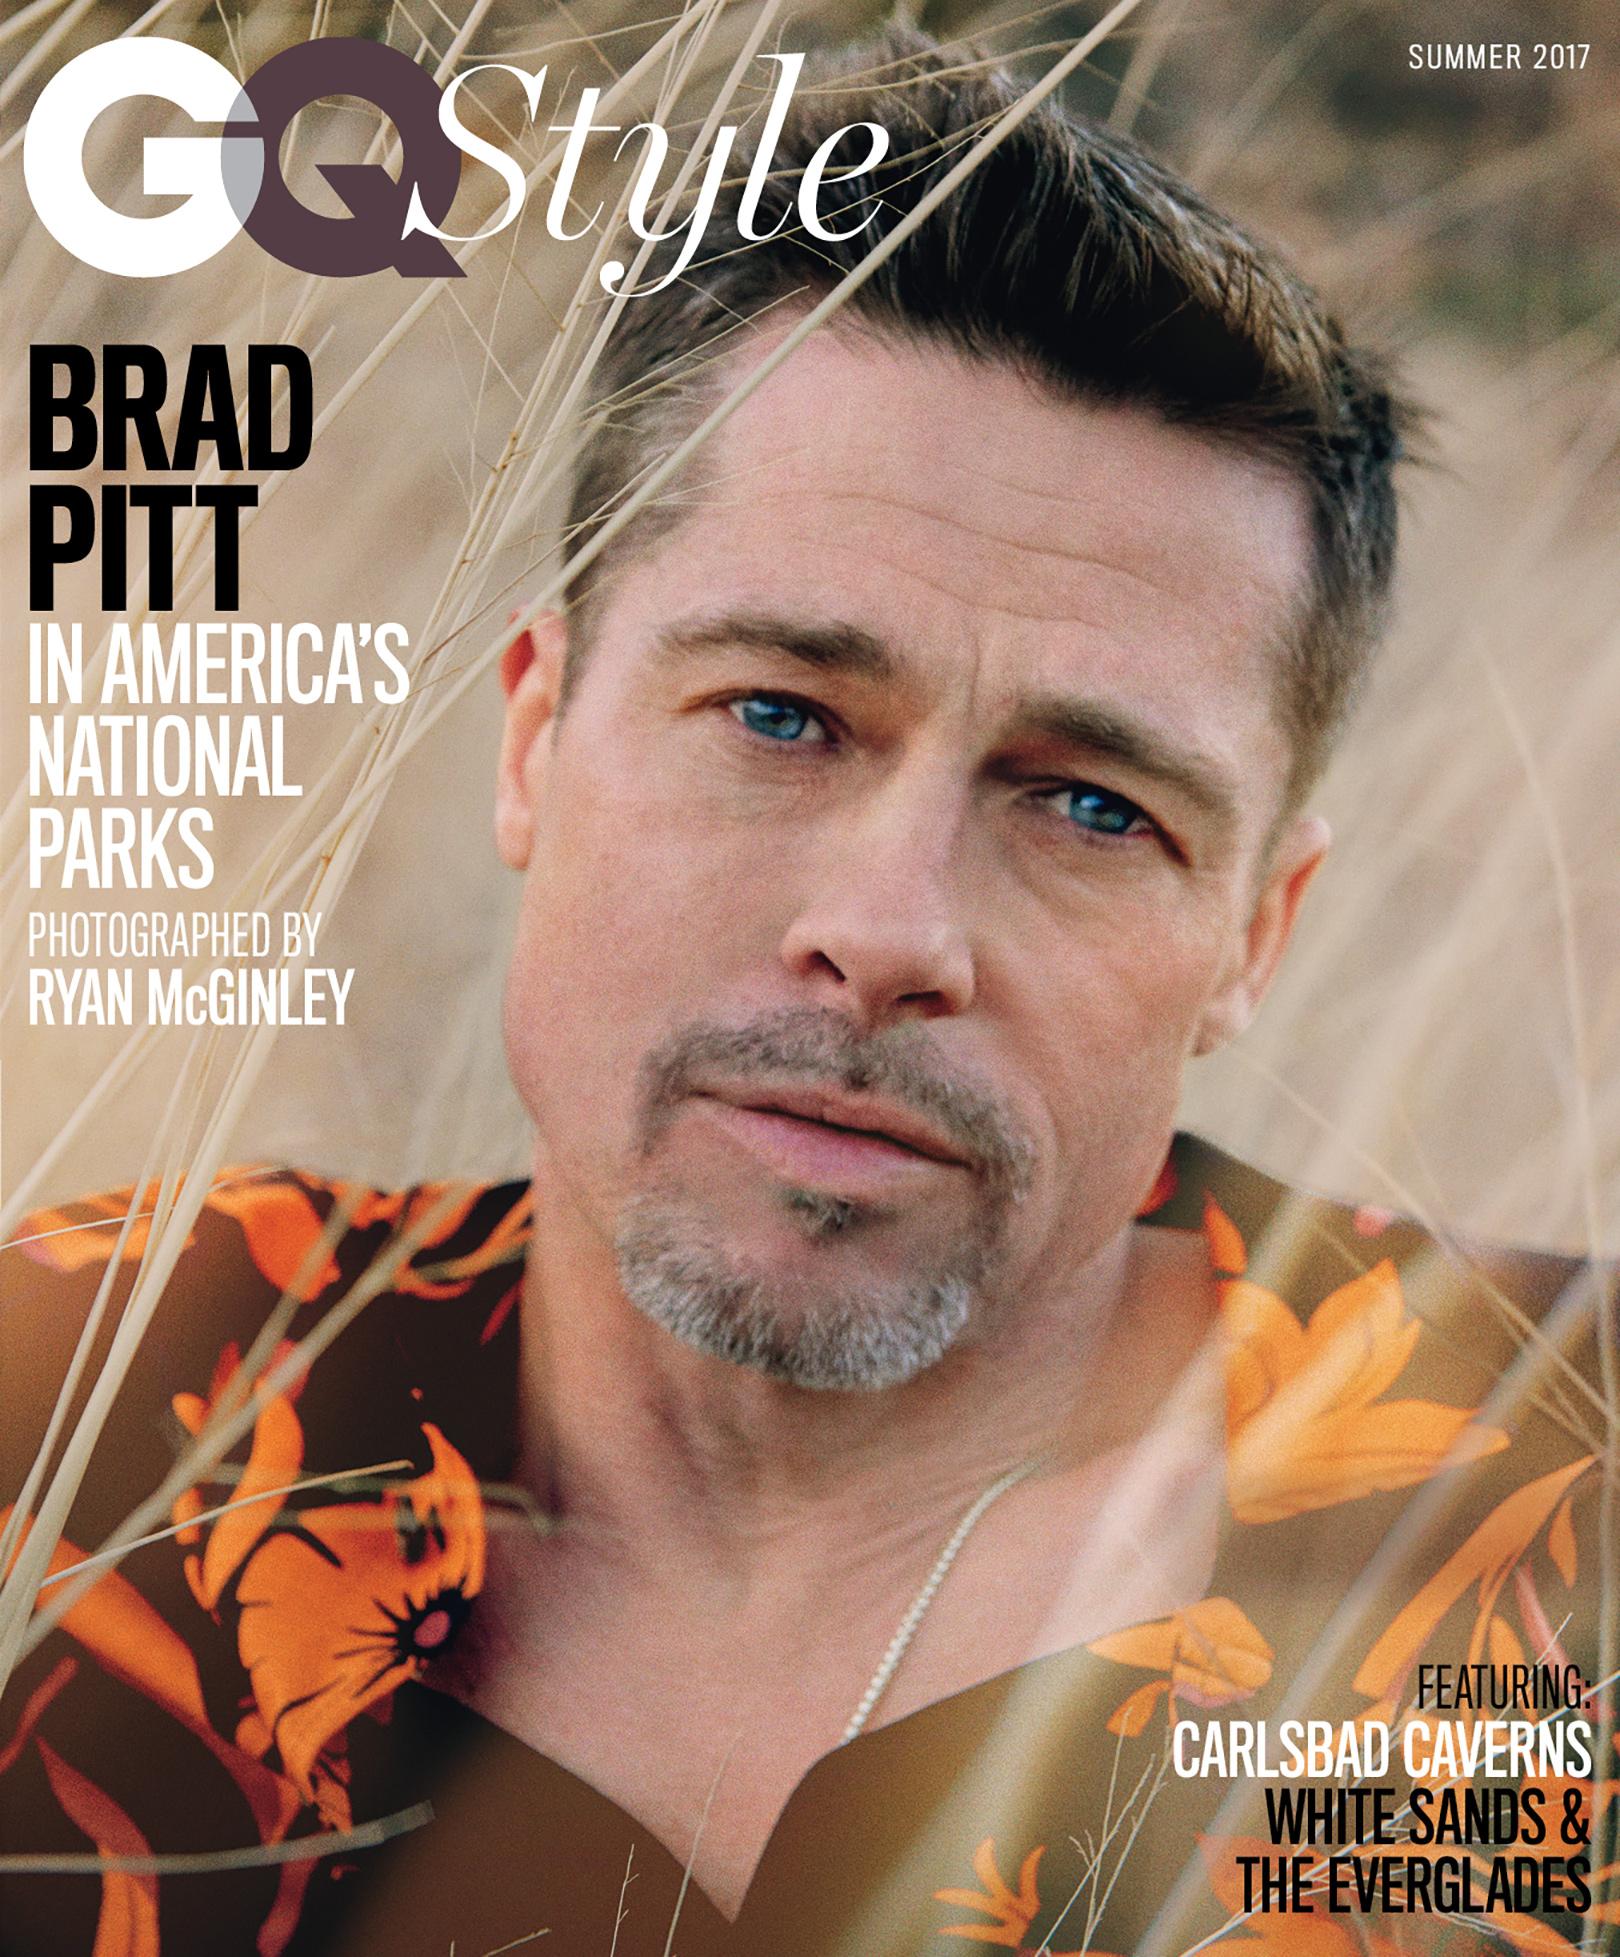 Brad_pitt_GQ_cover2